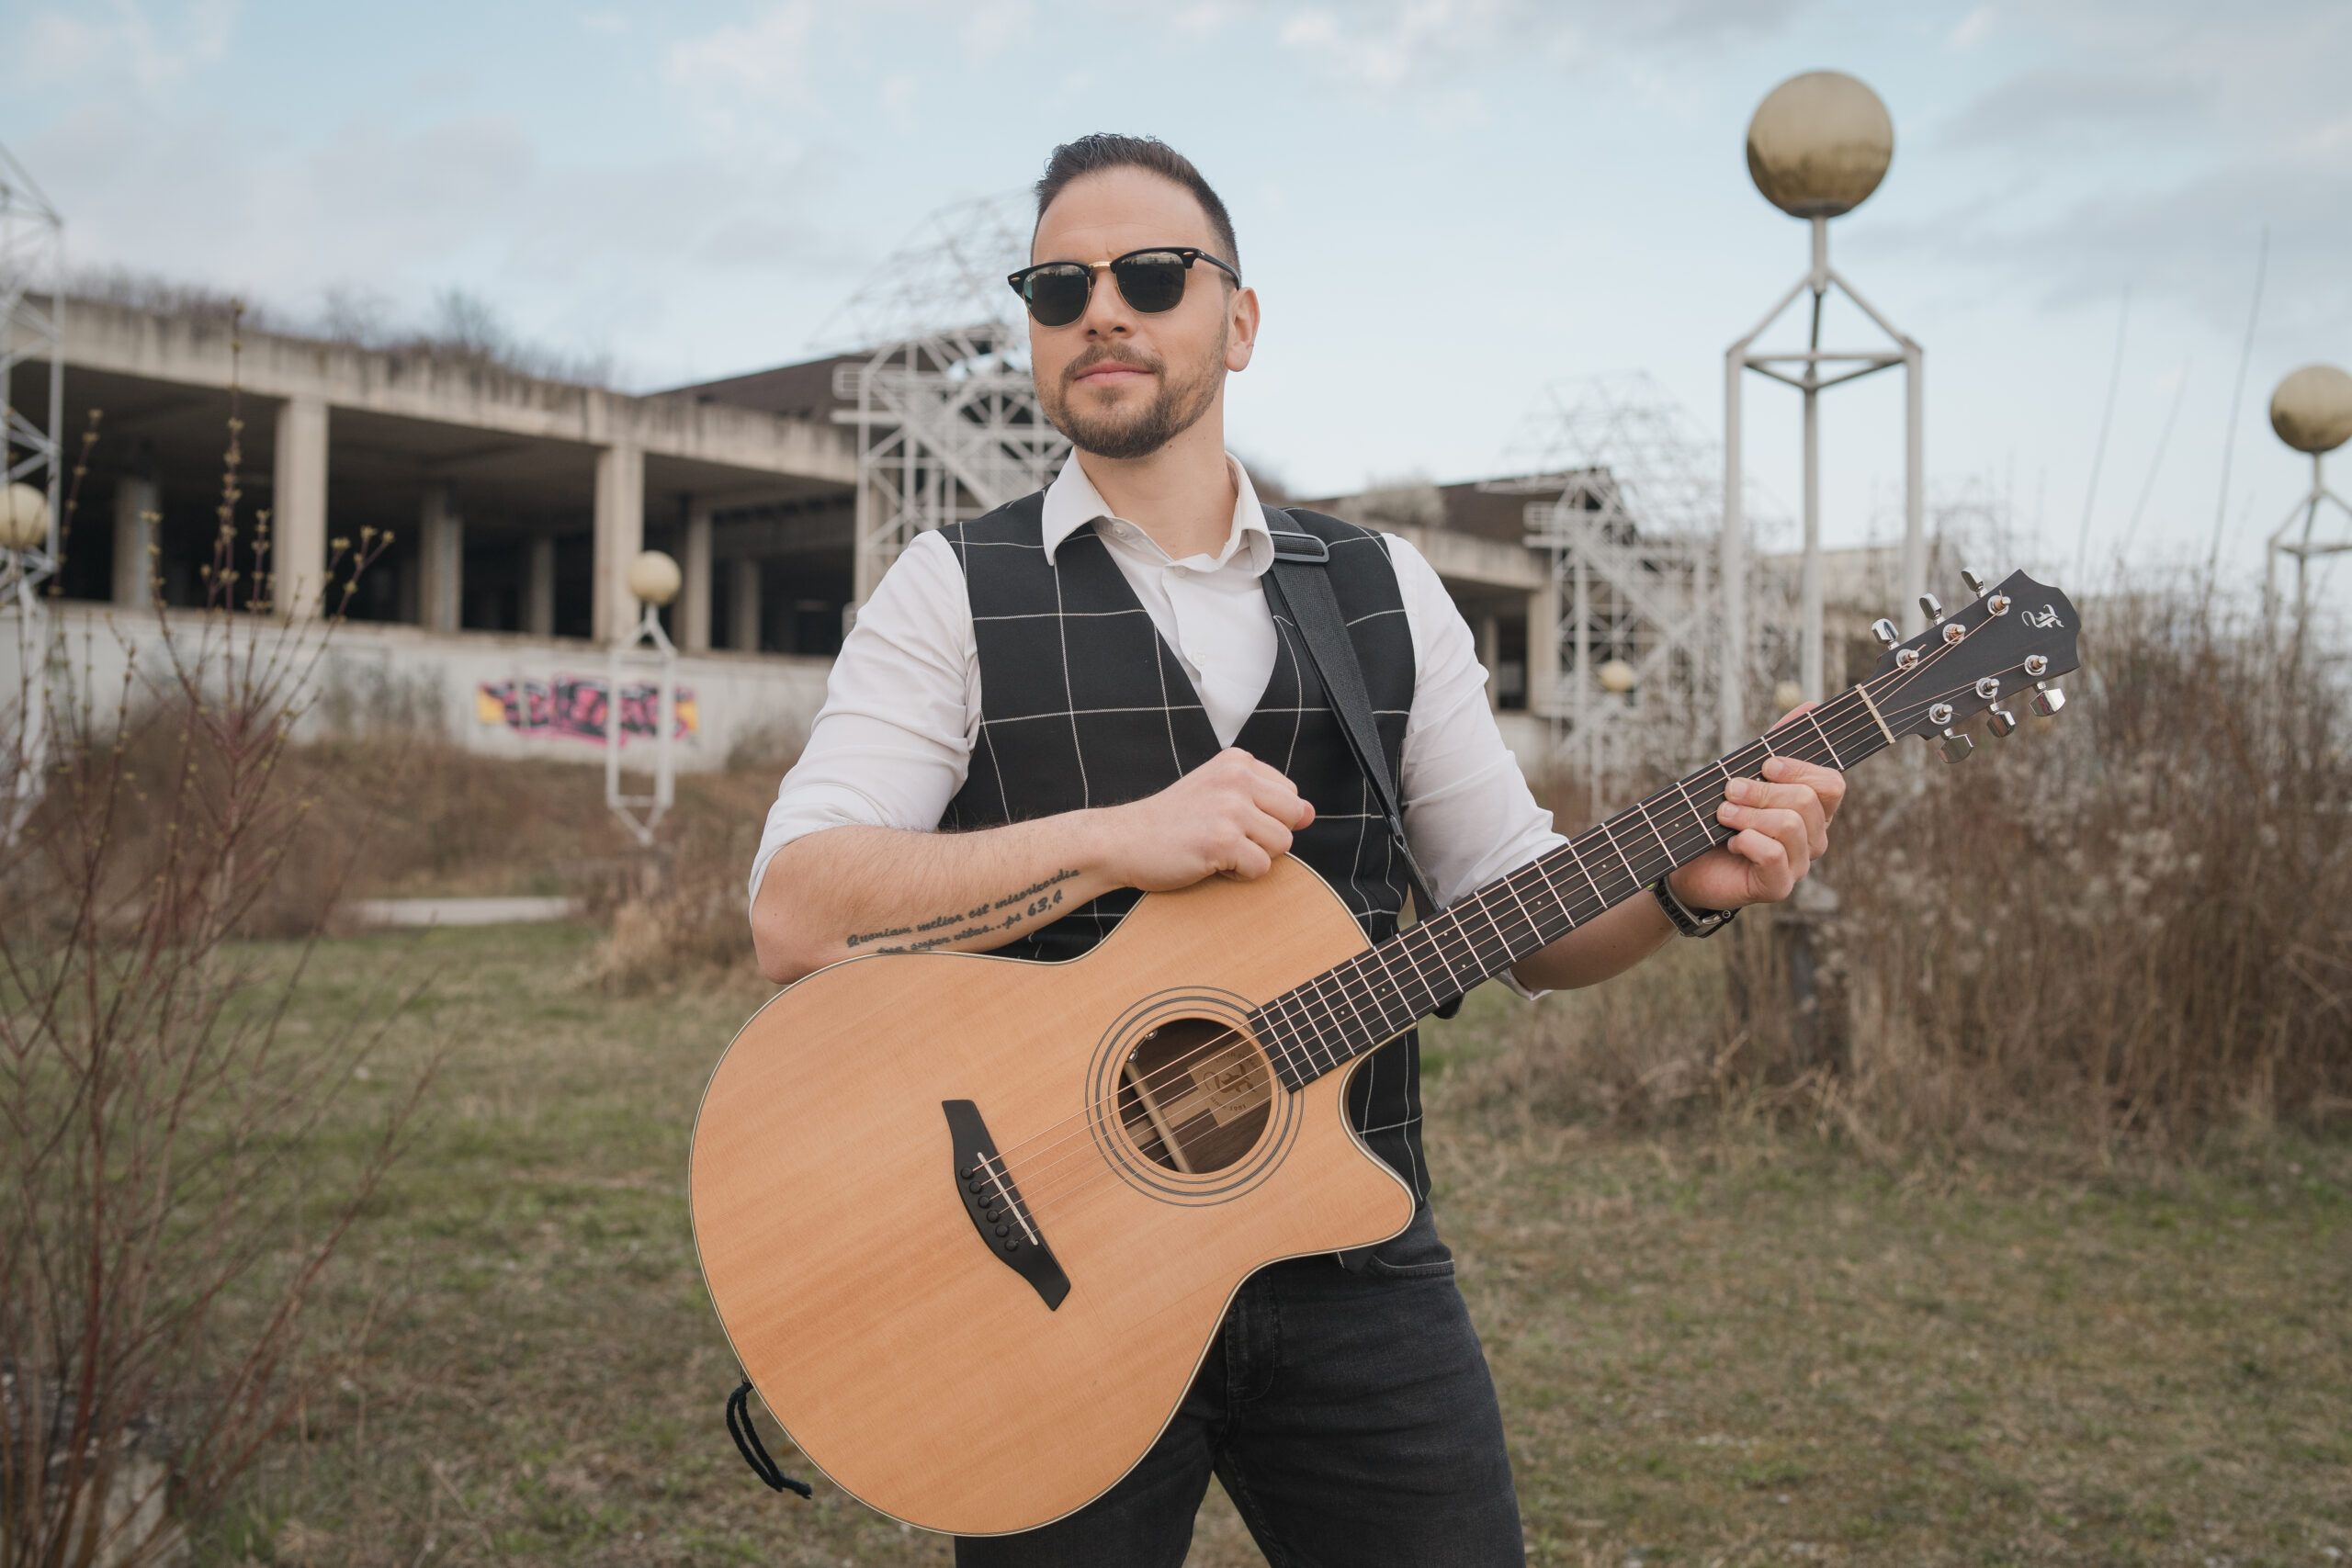 Ivo Jurić: Glazba je iznad materijalnog i ako se usko gleda kroz biznis nema prostora da napravi velike stvari koje mogu trajati godinama